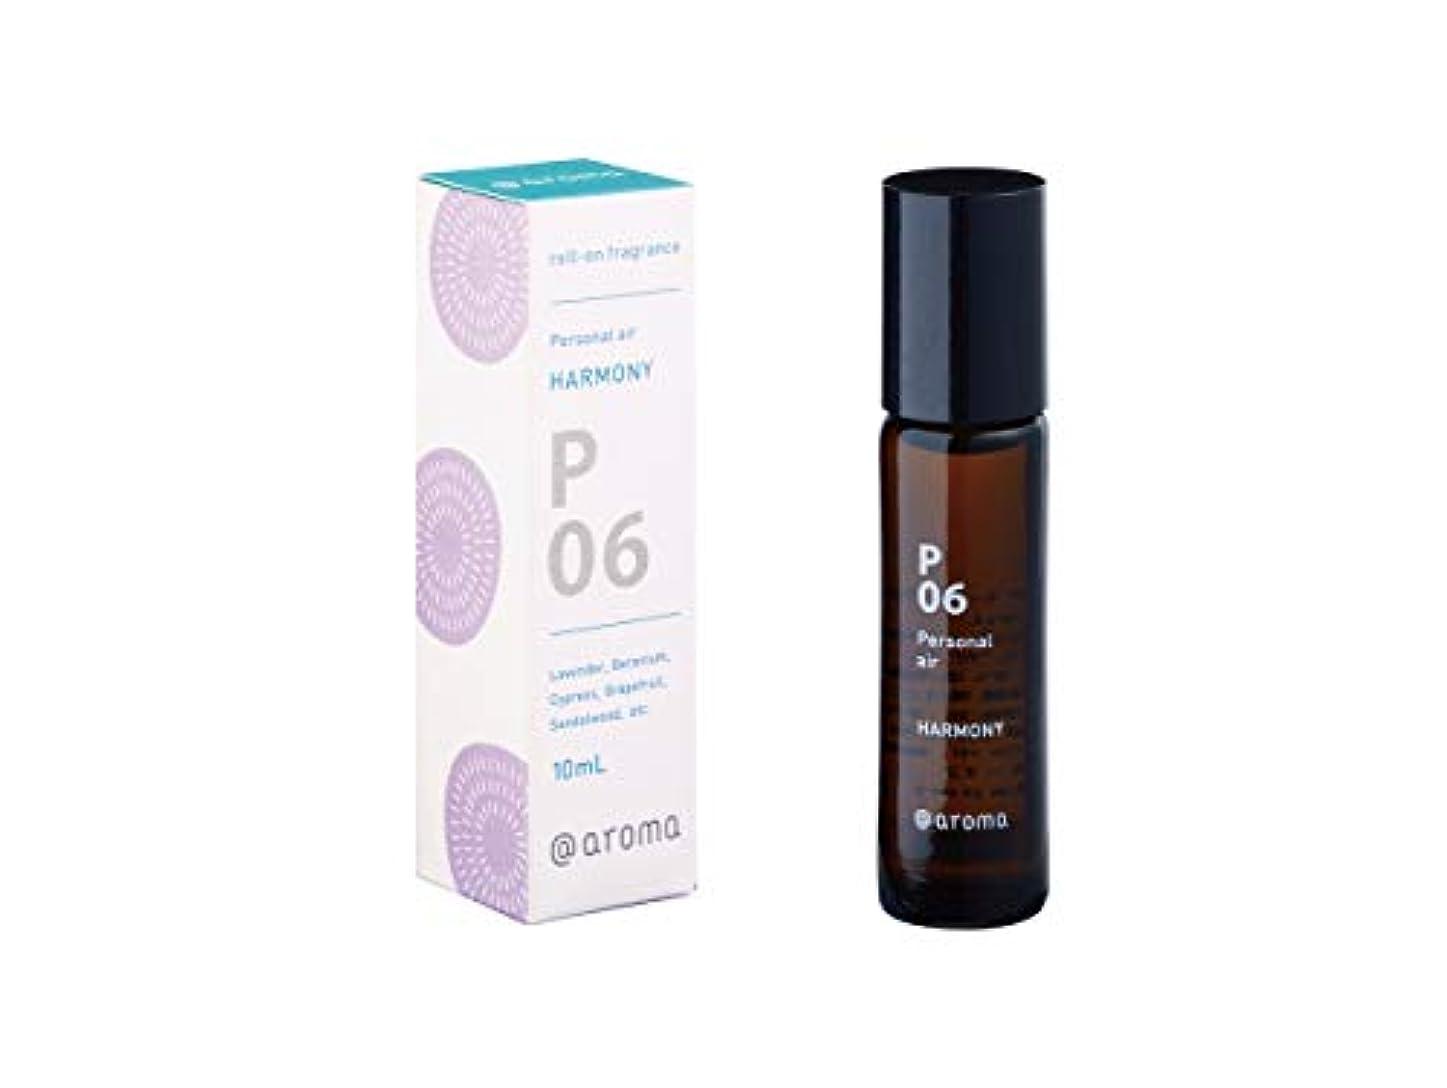 口述する愛人プットP06 HARMONY roll-on fragrance Personal air 10ml